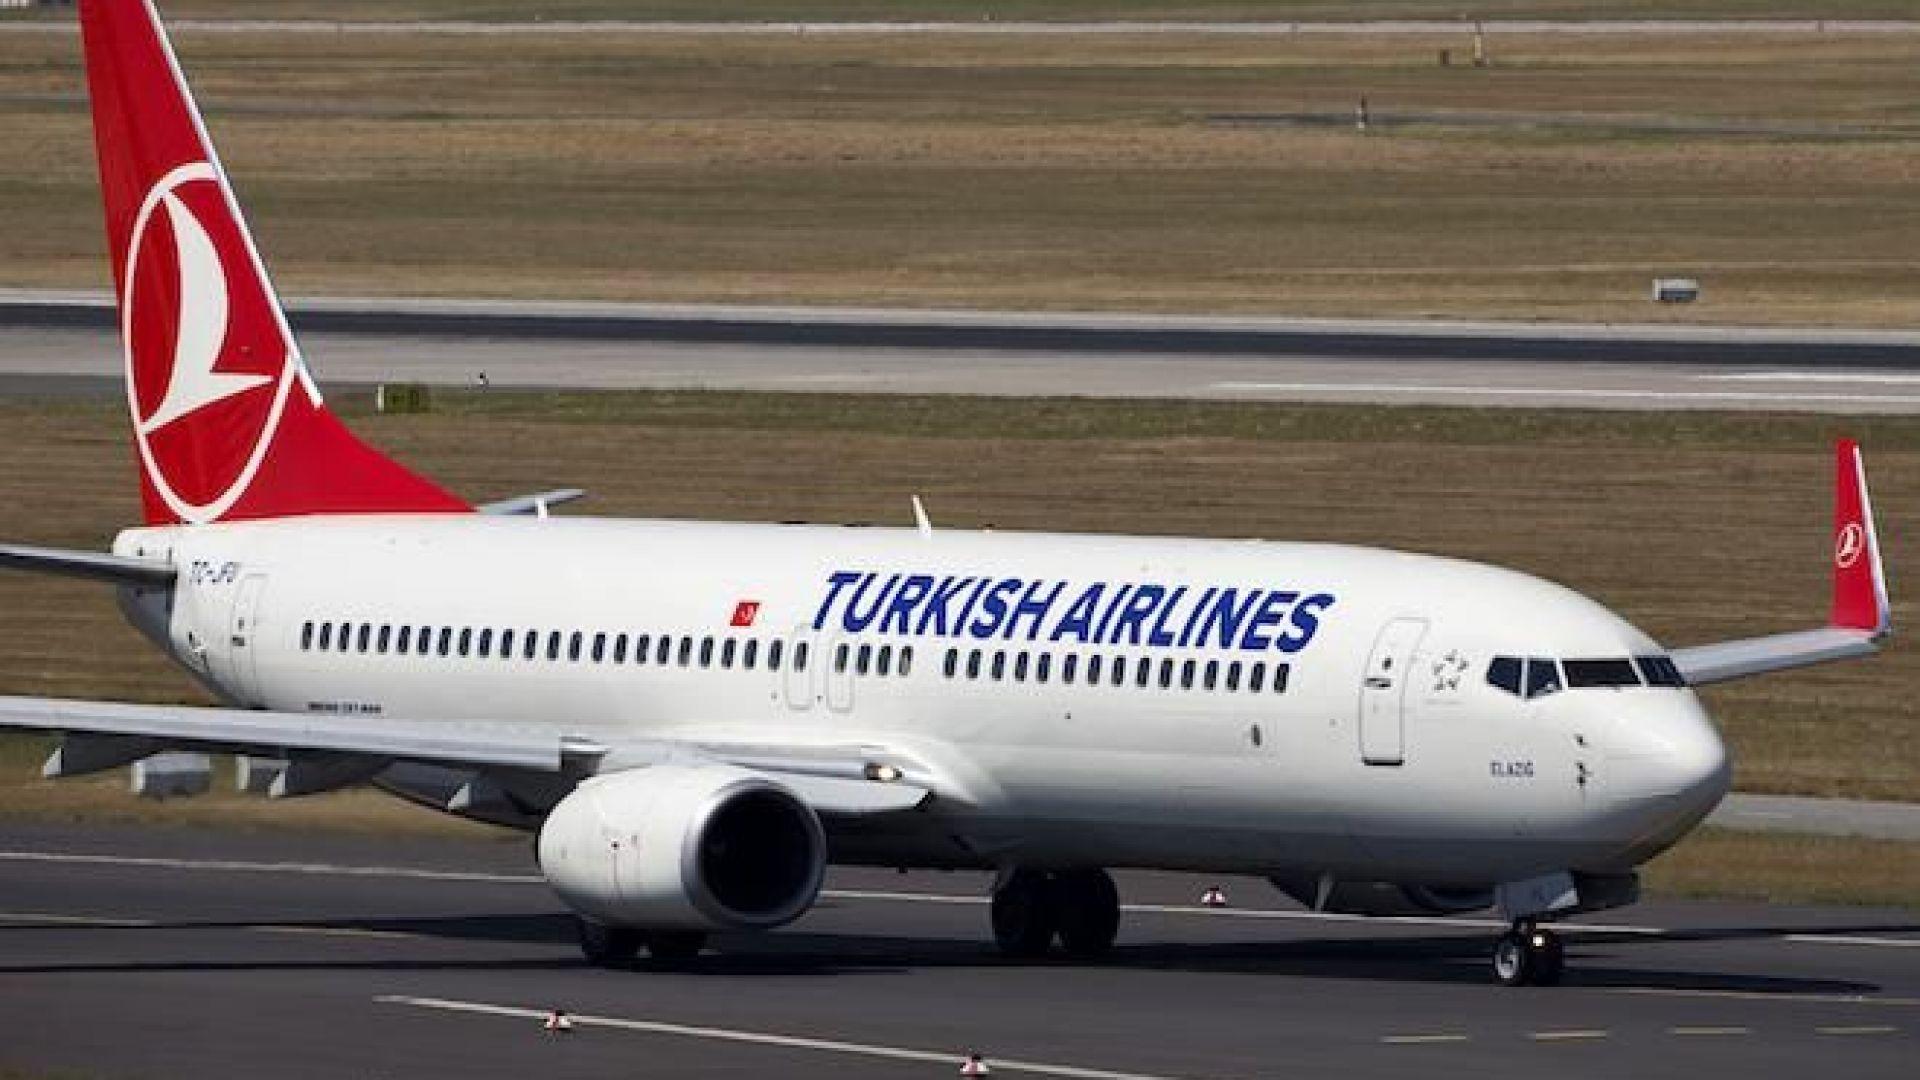 Турски авиокомпании пак с полети до Иран и Ирак